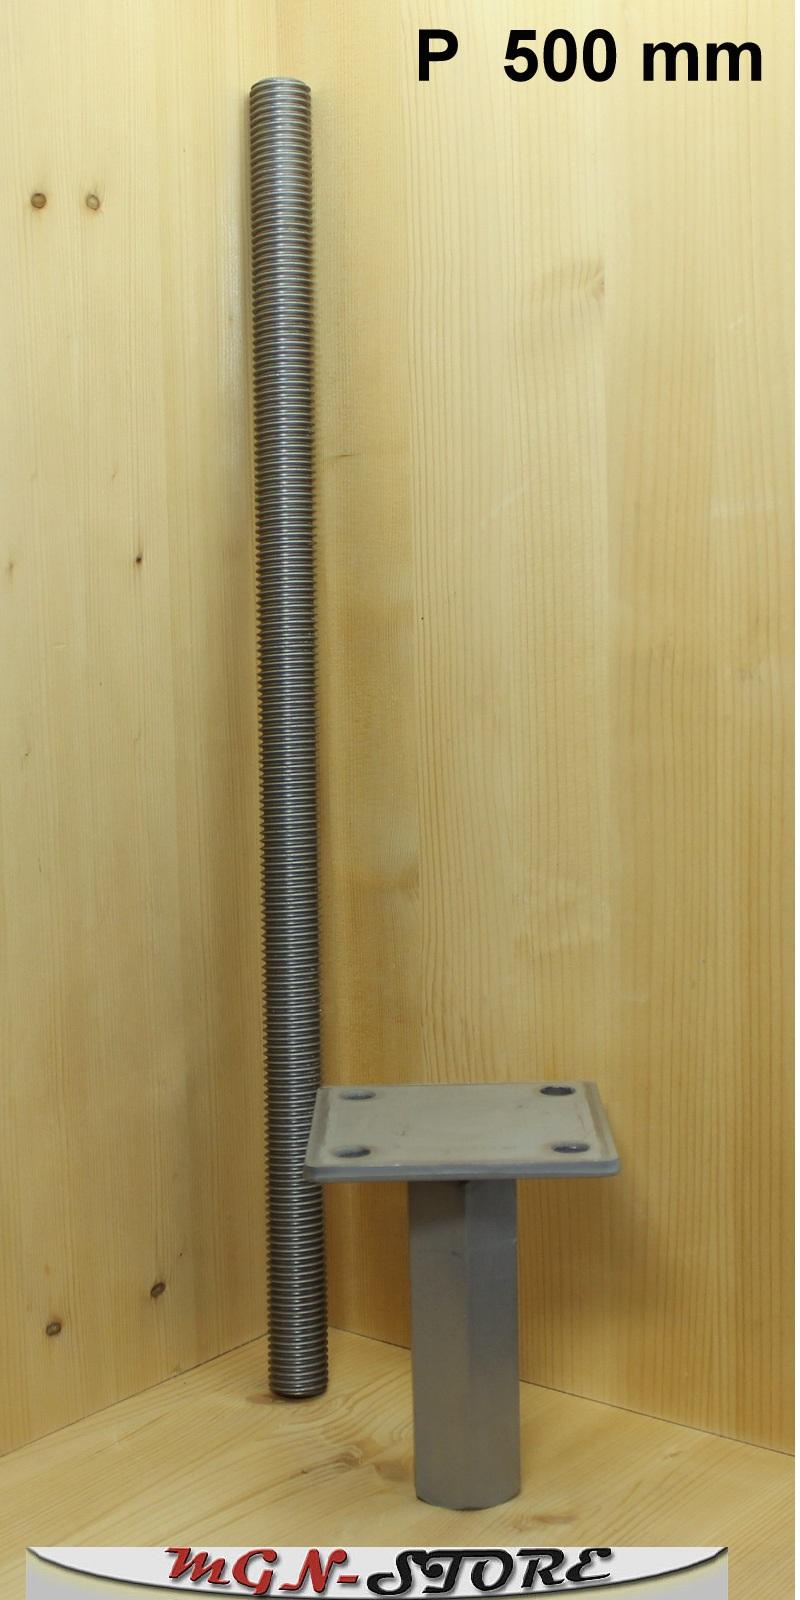 mgn store pitzl pfostentr ger typ p zinip nutzungsklasse 3 zum einbetonieren 500 mm. Black Bedroom Furniture Sets. Home Design Ideas